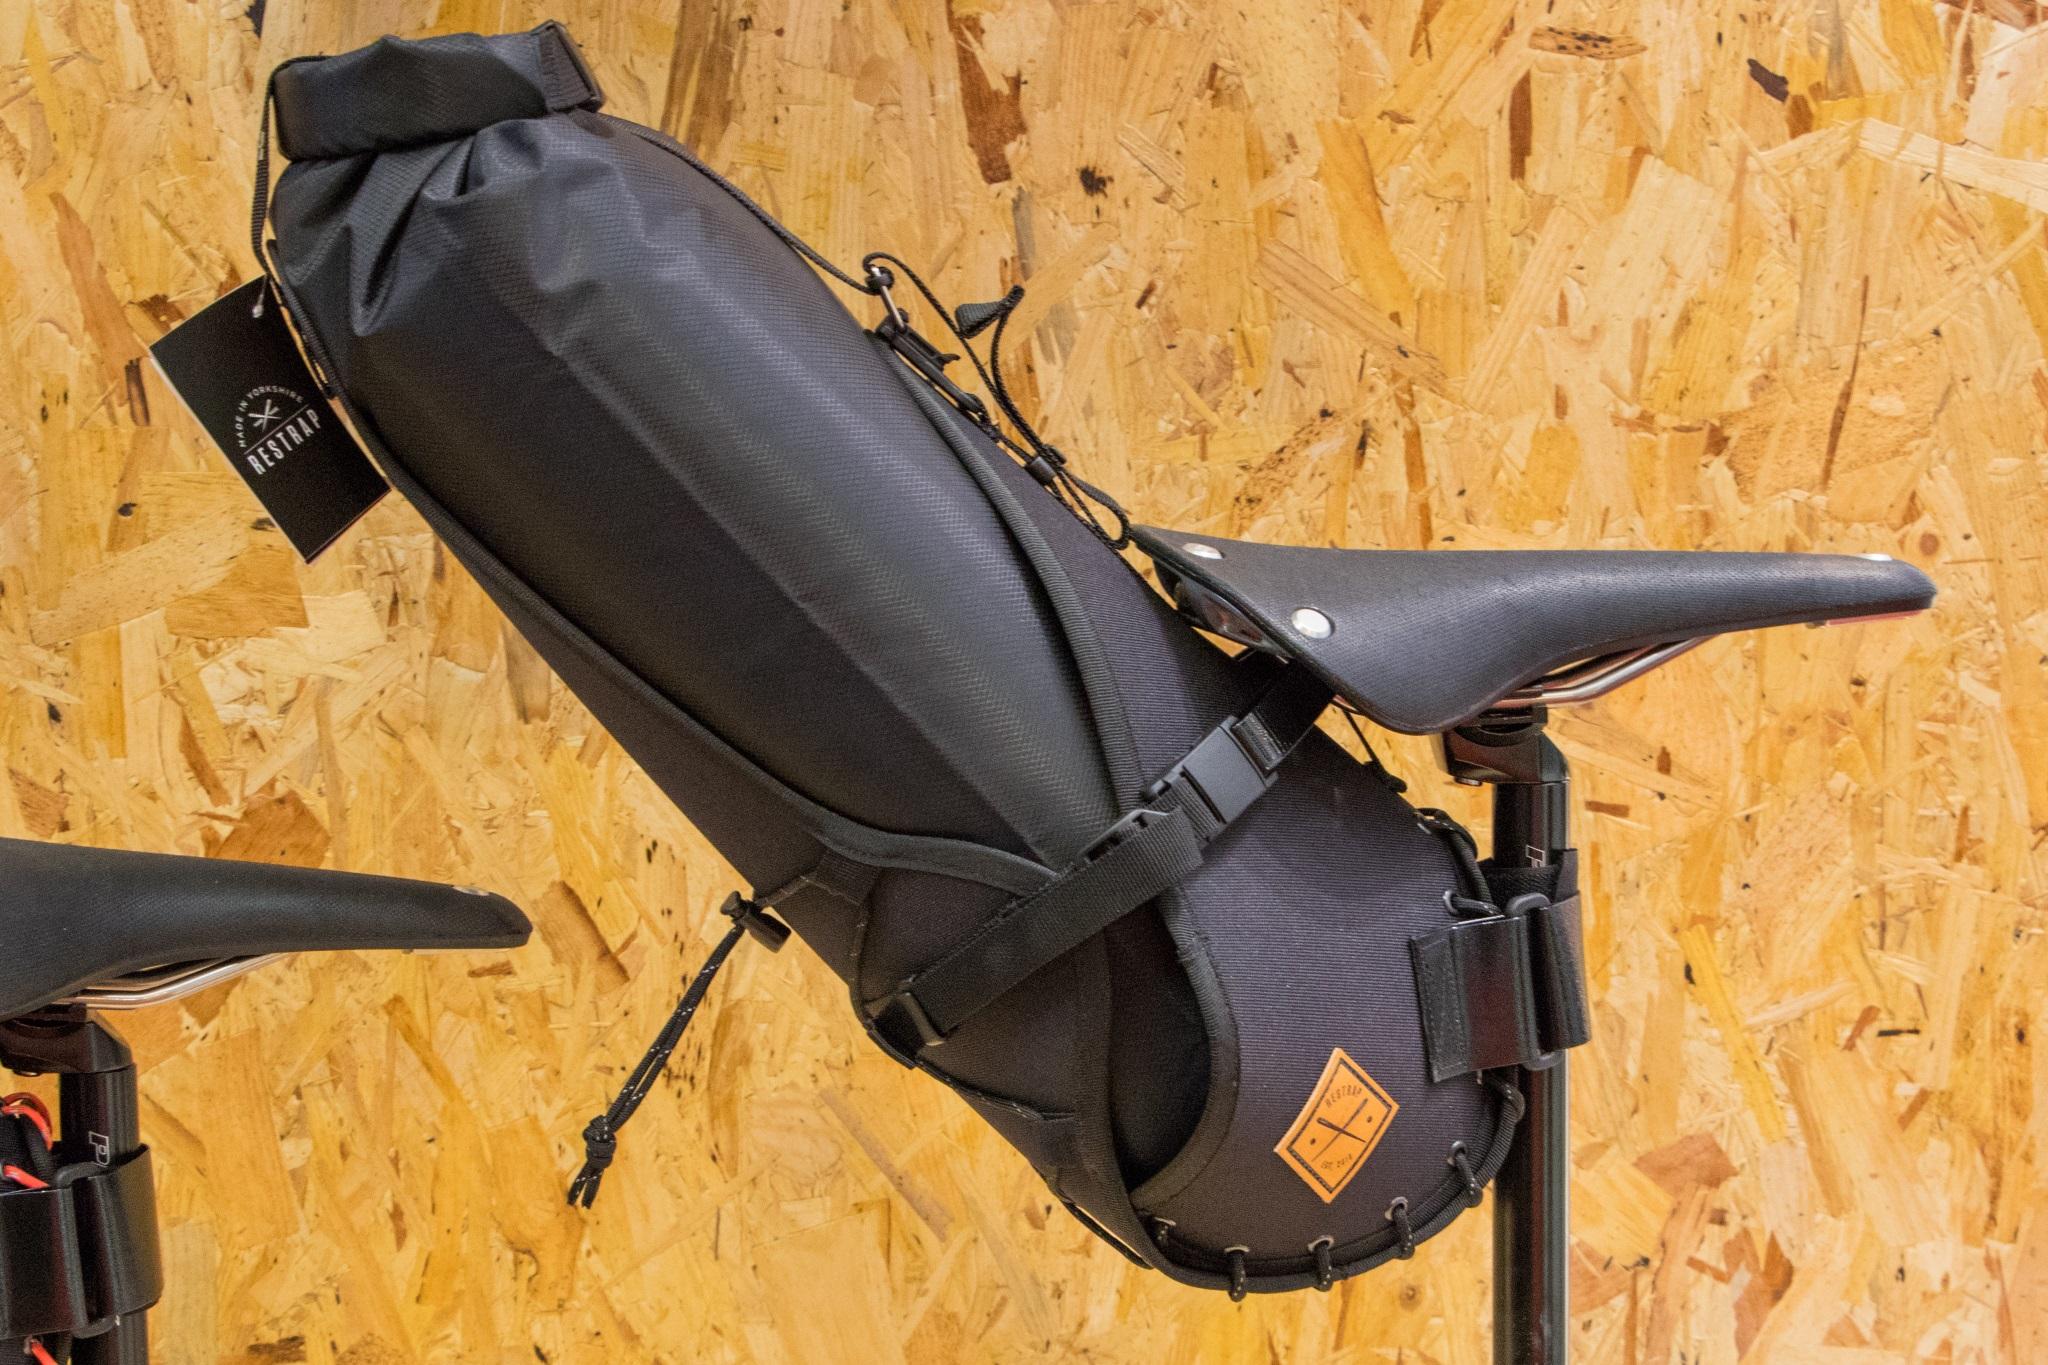 eurobike_bikepacking006